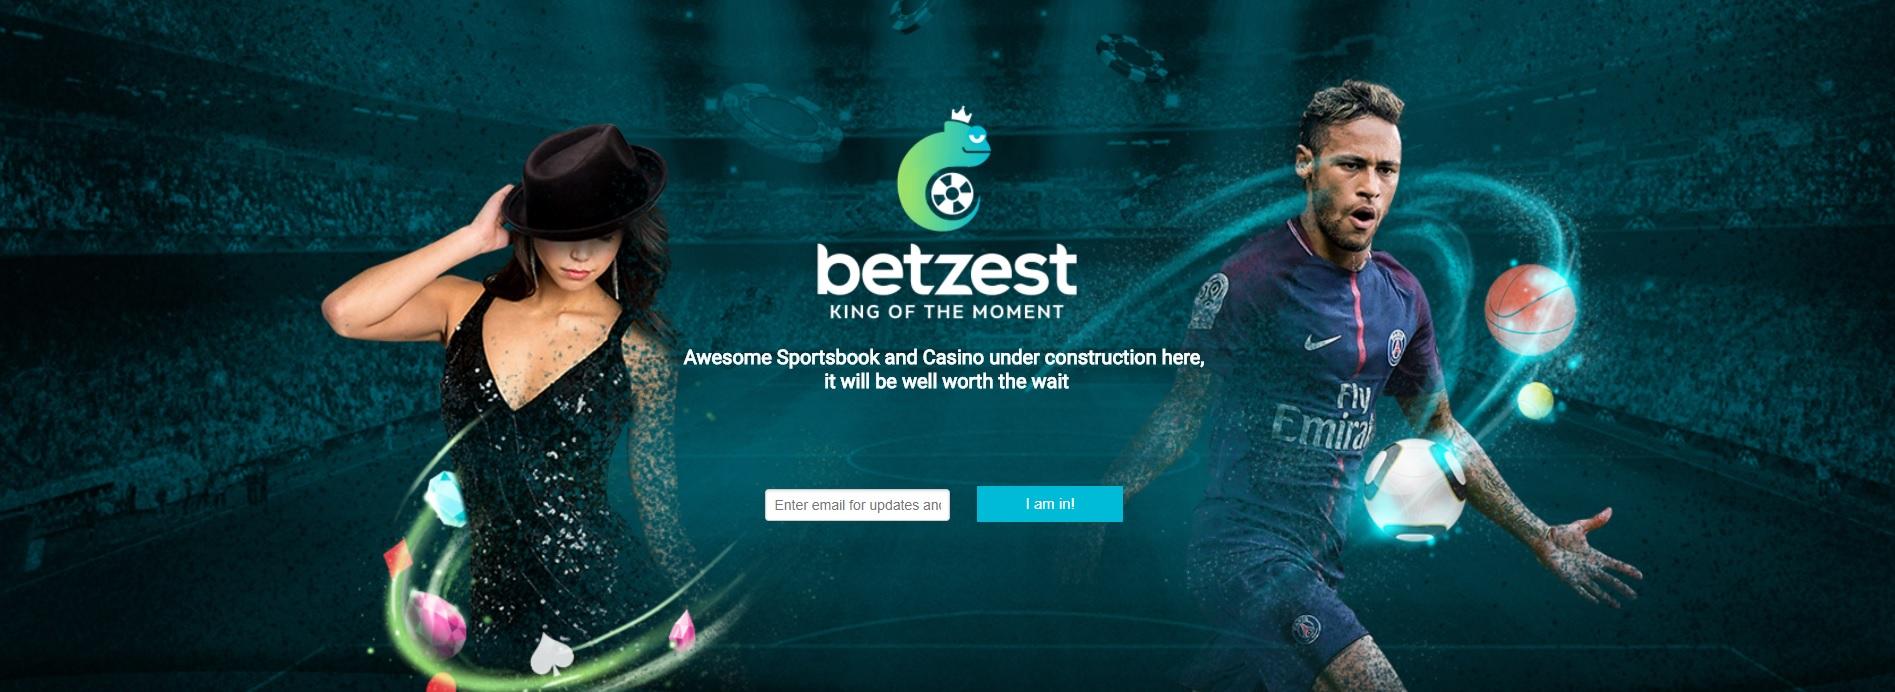 Betzest – Ny bettingsida och onlinecasino